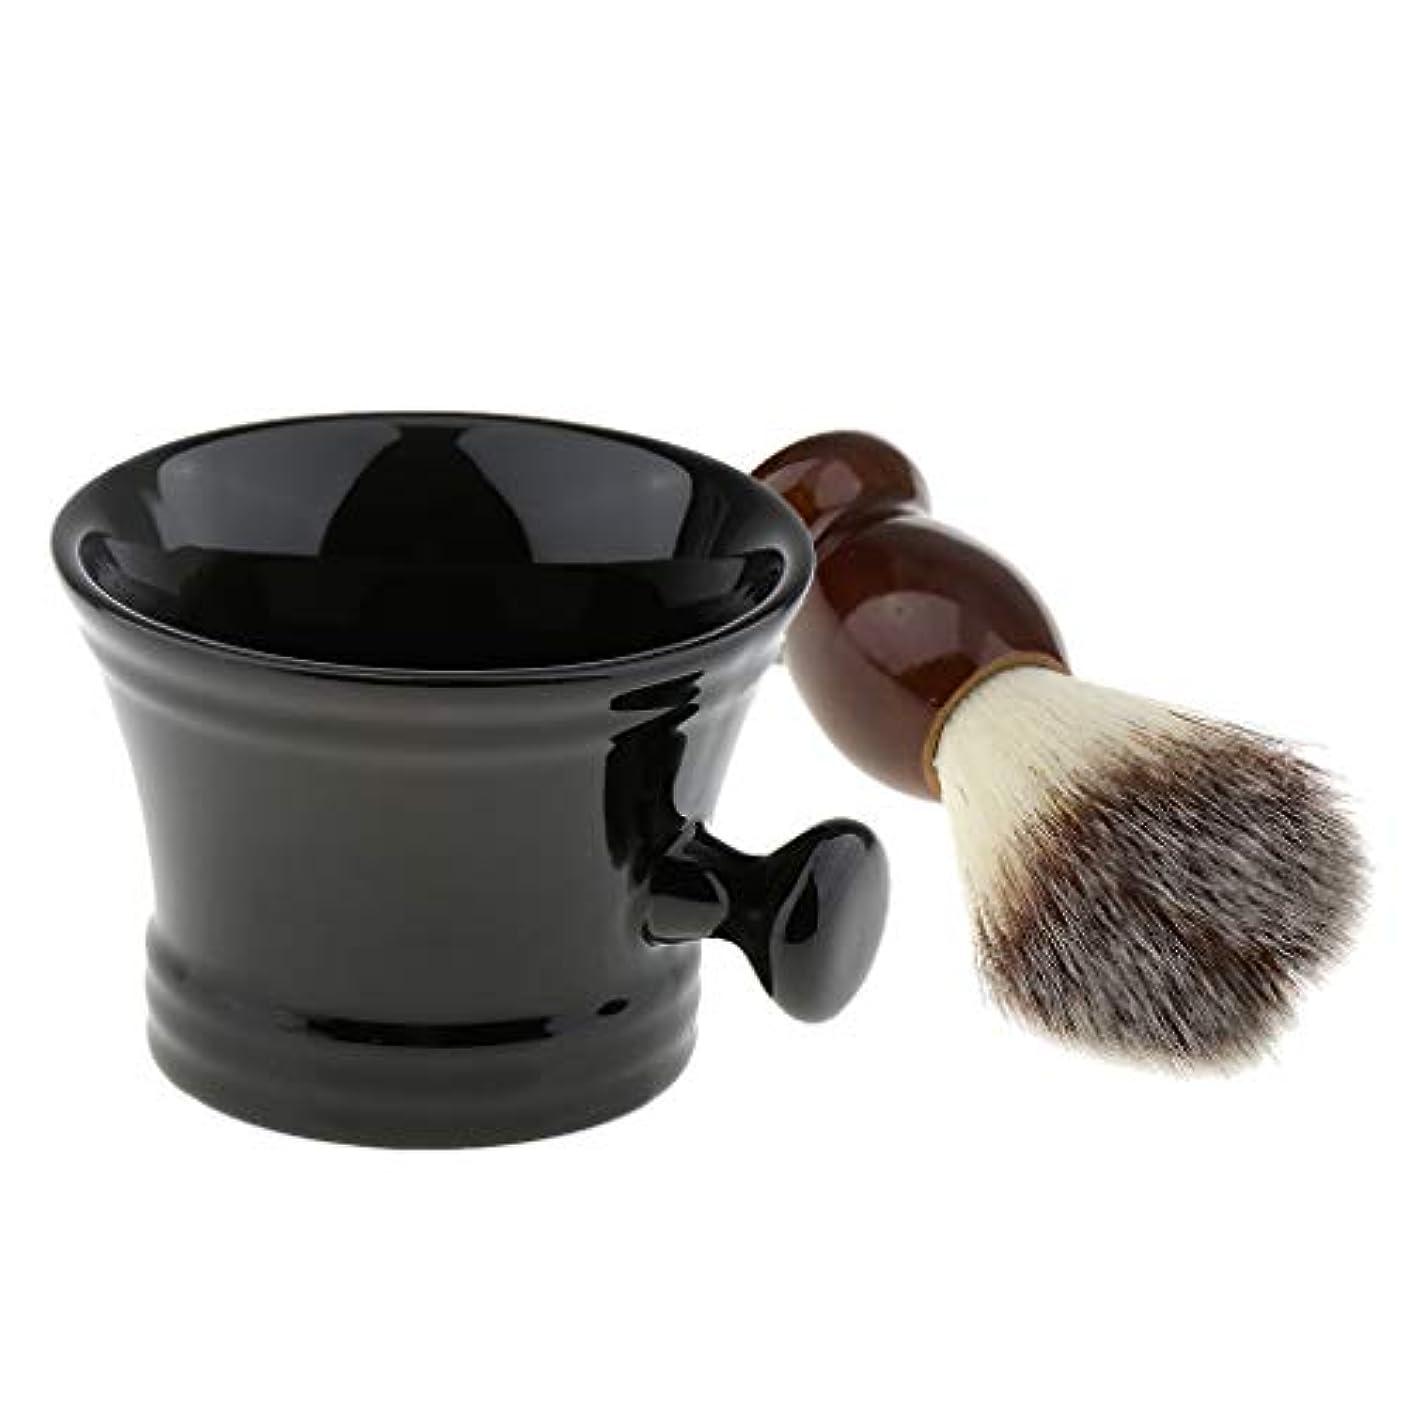 インストラクター靴下農奴シェービング用アクセサリー シェービングブラシ シェービングボウル 男性 理容 洗顔 髭剃りキット 2点